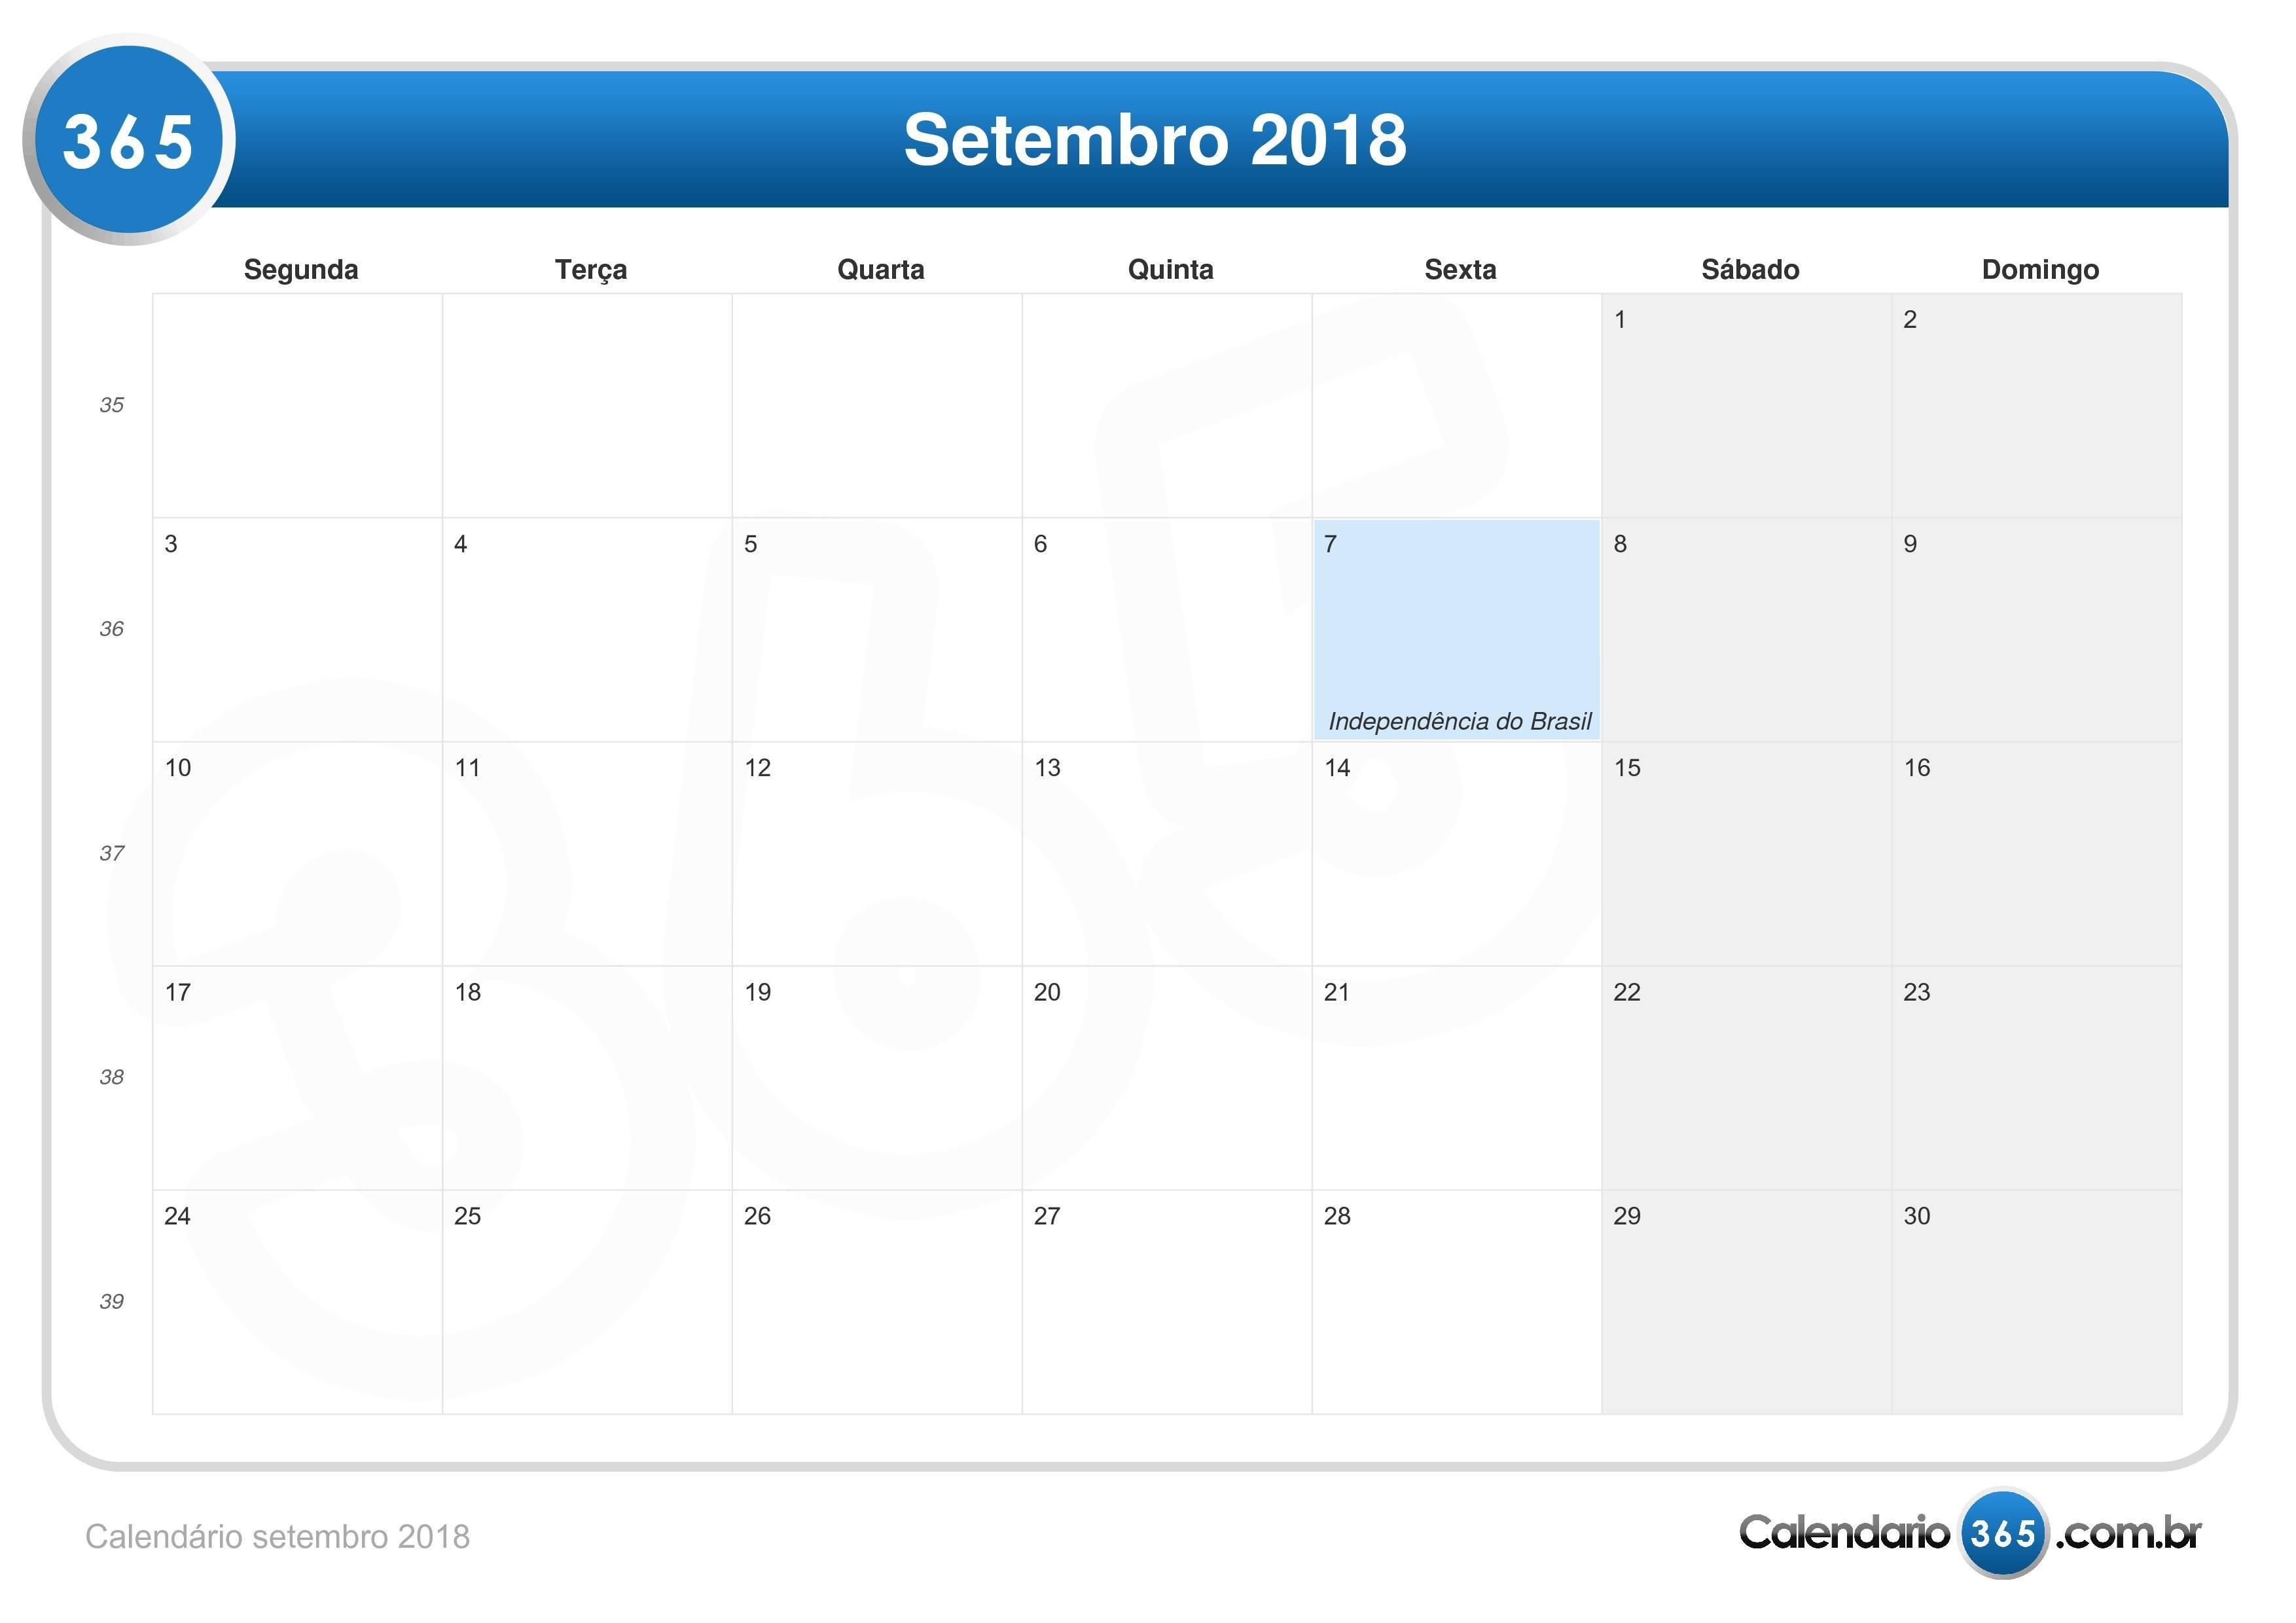 Calendário 2019 Para Imprimir Com Feriados Pdf Recientes Calendario Novembro 2018 Imprimir T Of Calendário 2019 Para Imprimir Com Feriados Pdf Más Reciente Partilhando Ideias Calendrio 2018 Calendrio T